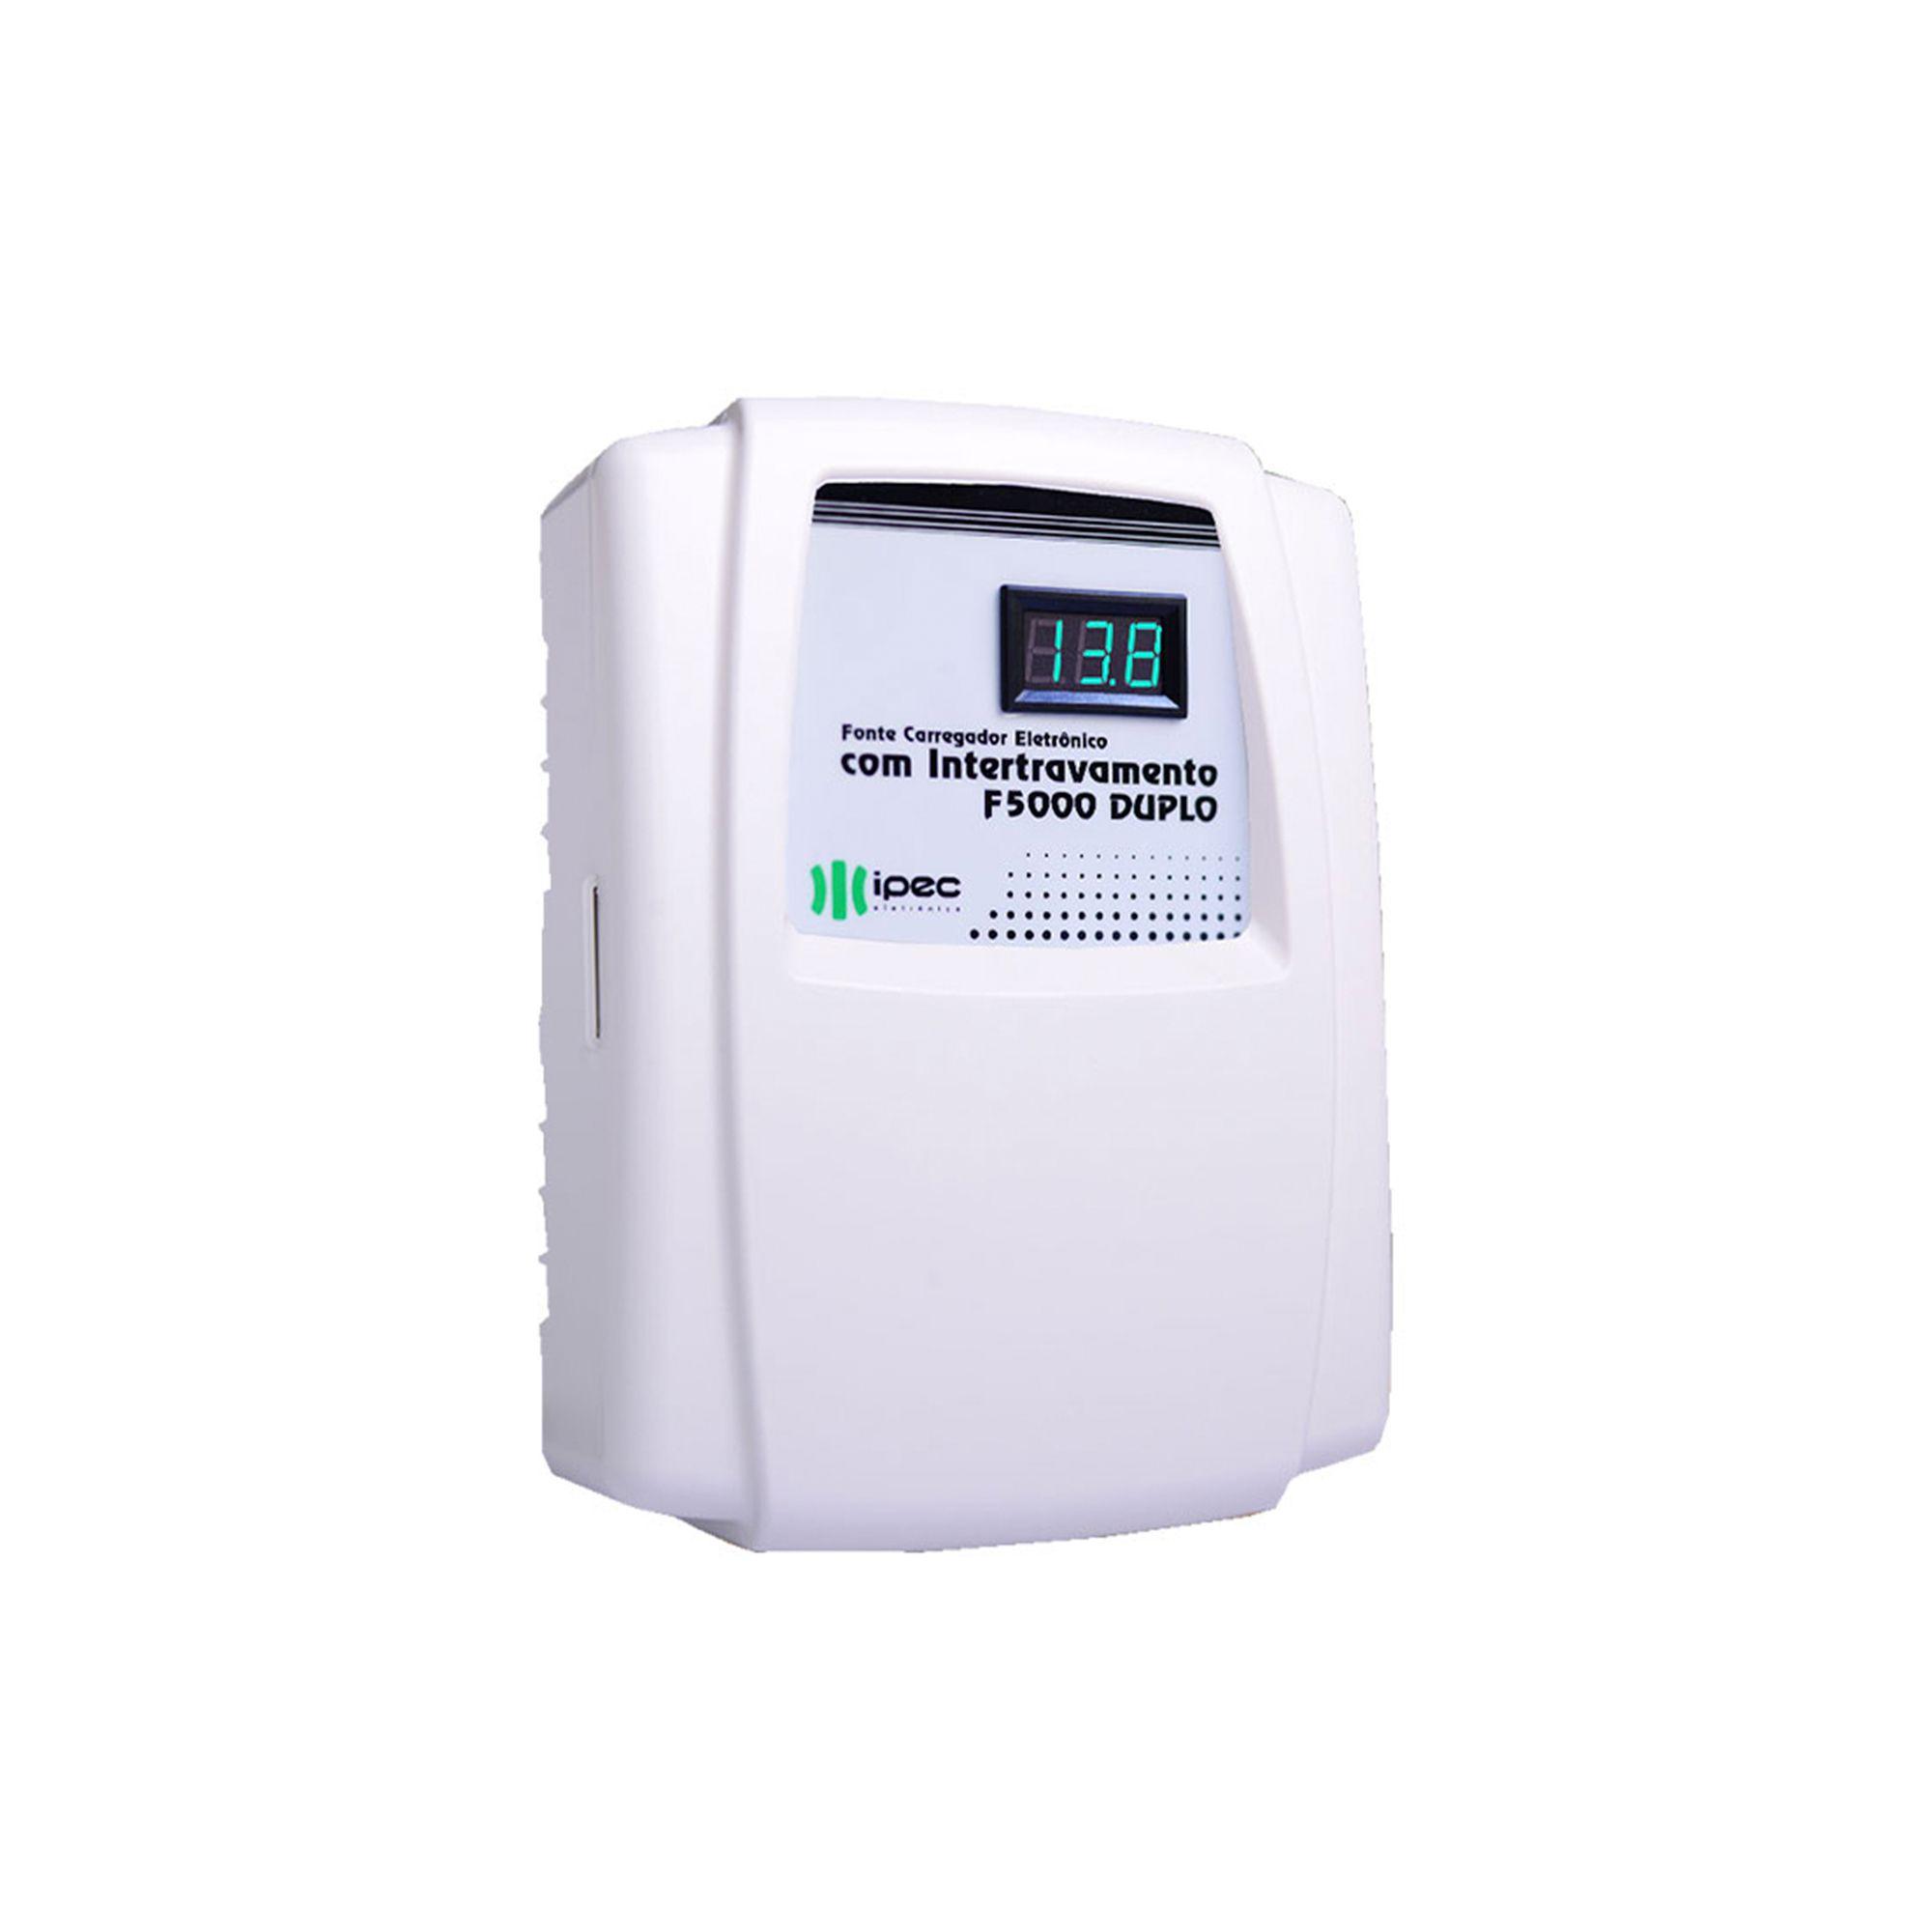 IPEC - F 5000 Fonte temporizada Carregadora para 2 eletroimãs com Intertravamento e controle remoto